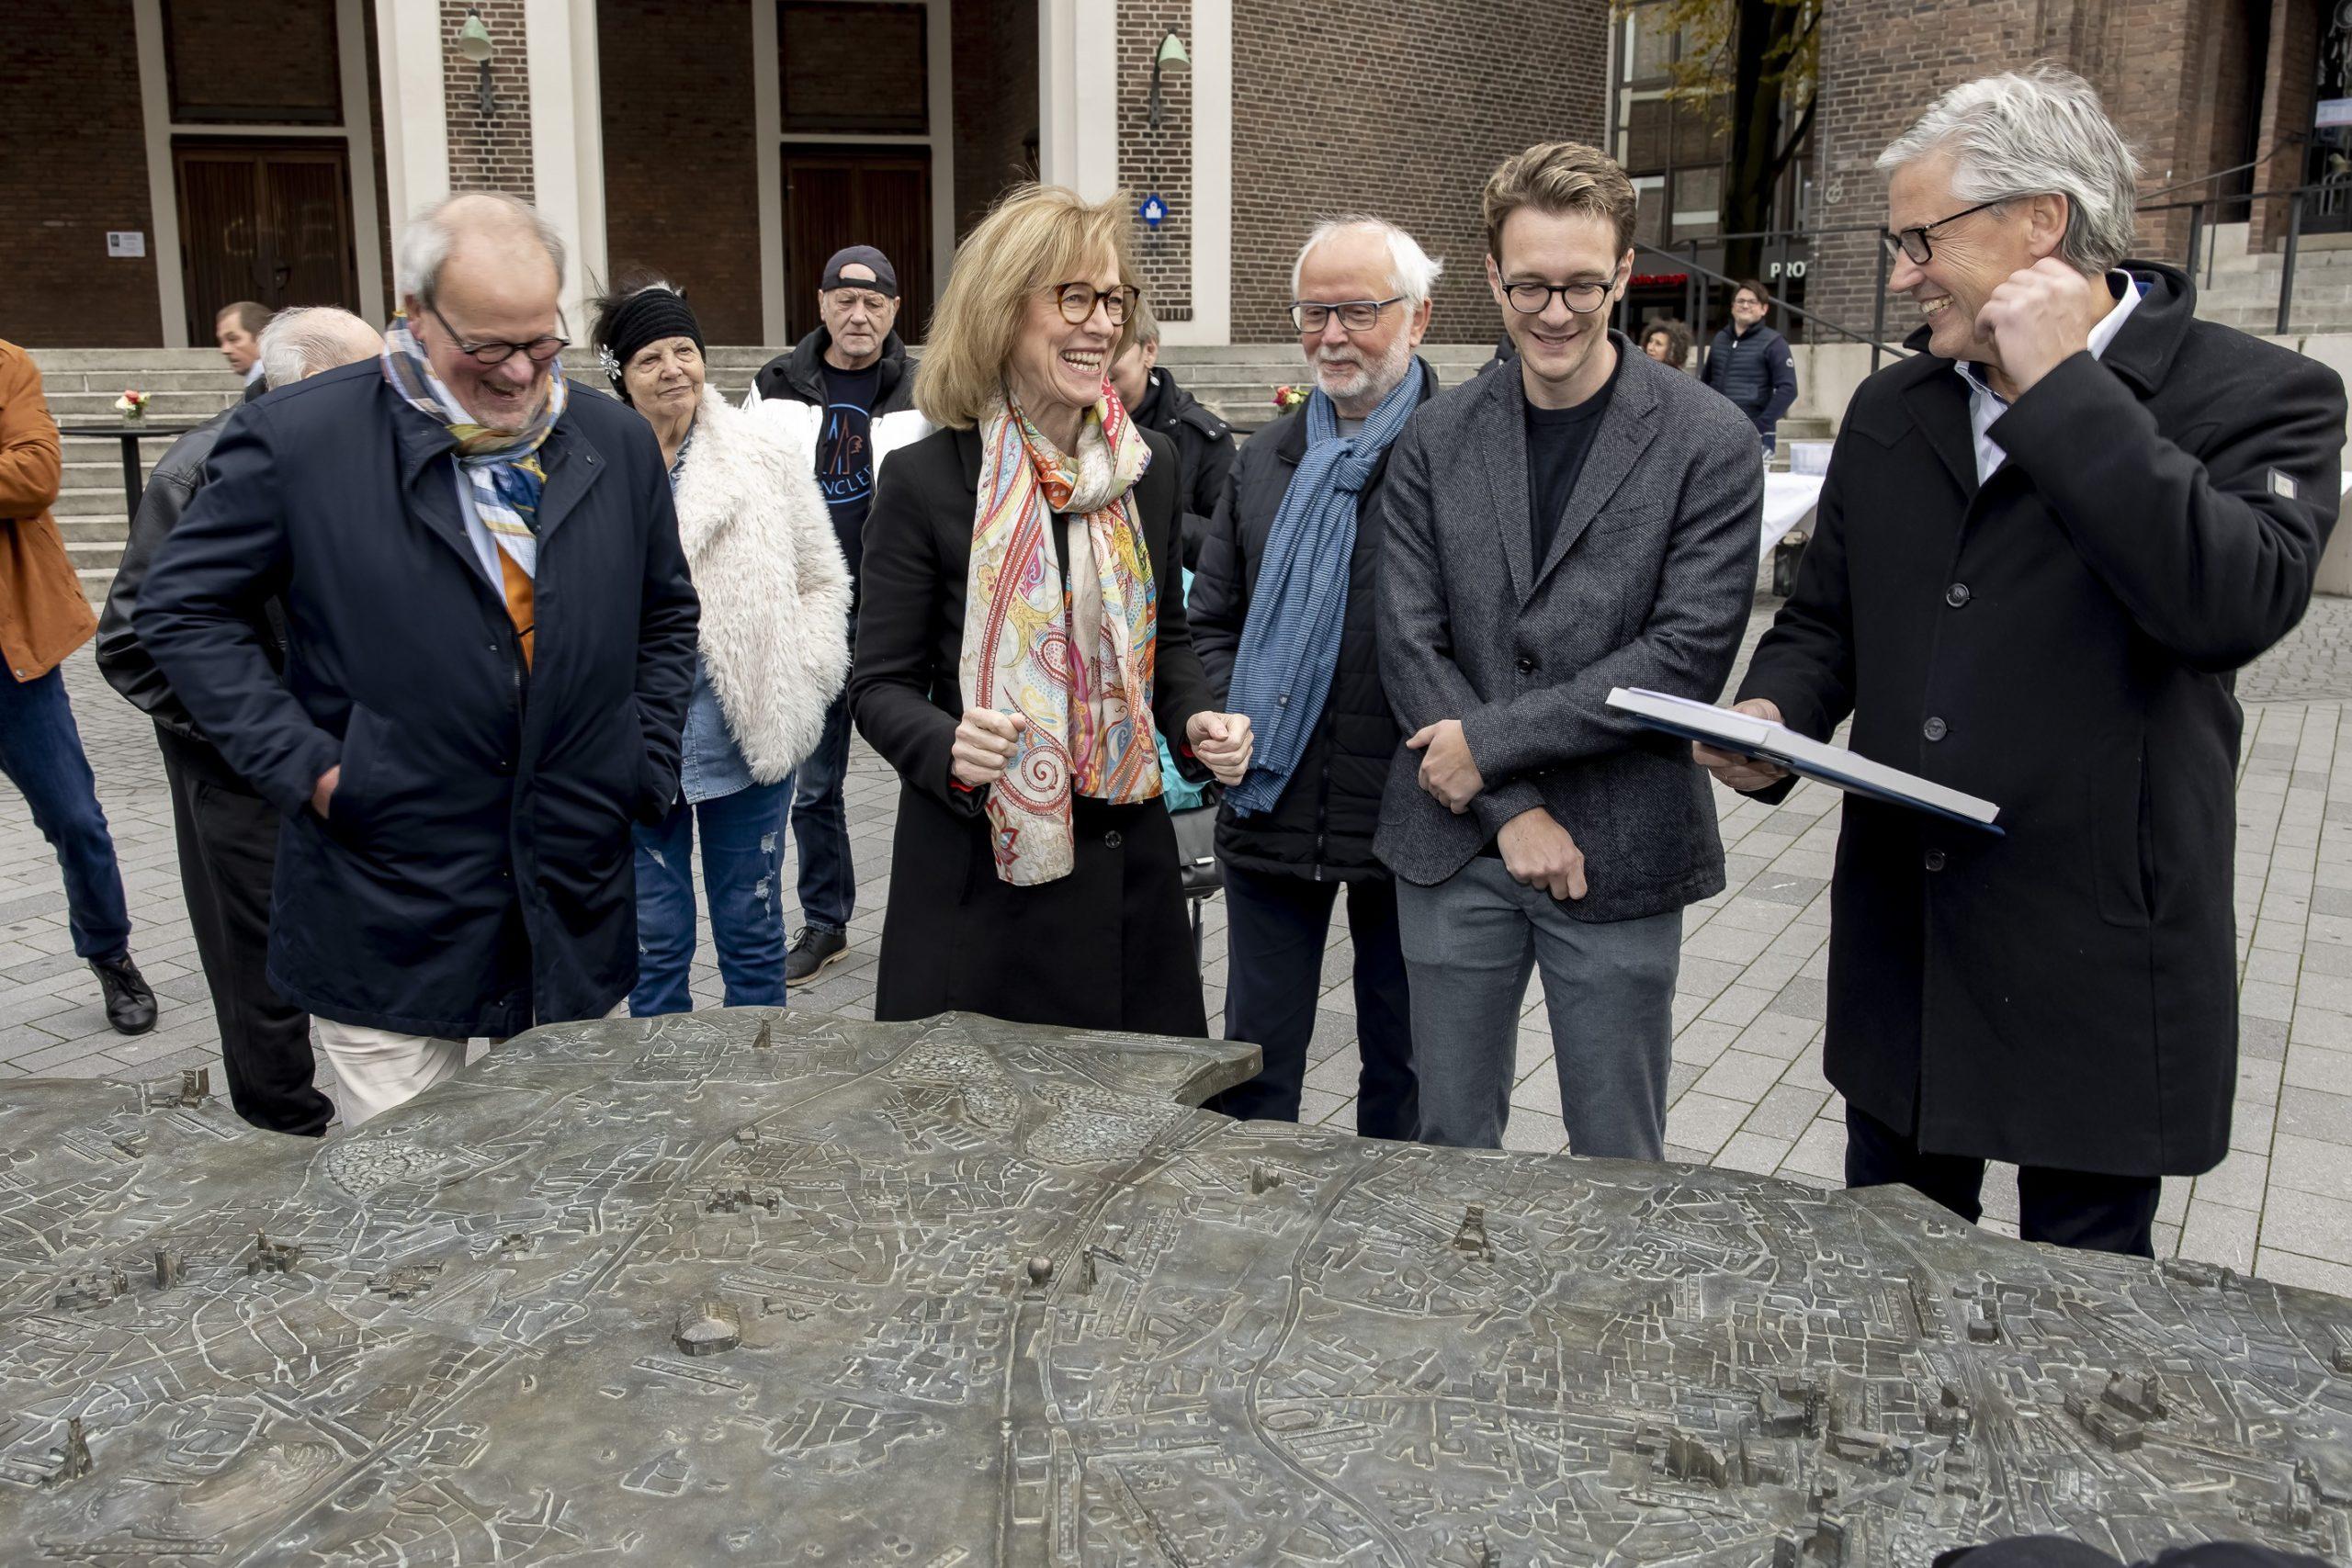 Der Rotary Club Gelsenkirchen hat ein Stadtmodell in Bronze anfertigen lassen. Auf rund 2,70 mal 1,60 Metern lässt sich darauf Gelsenkirchen erkunden.